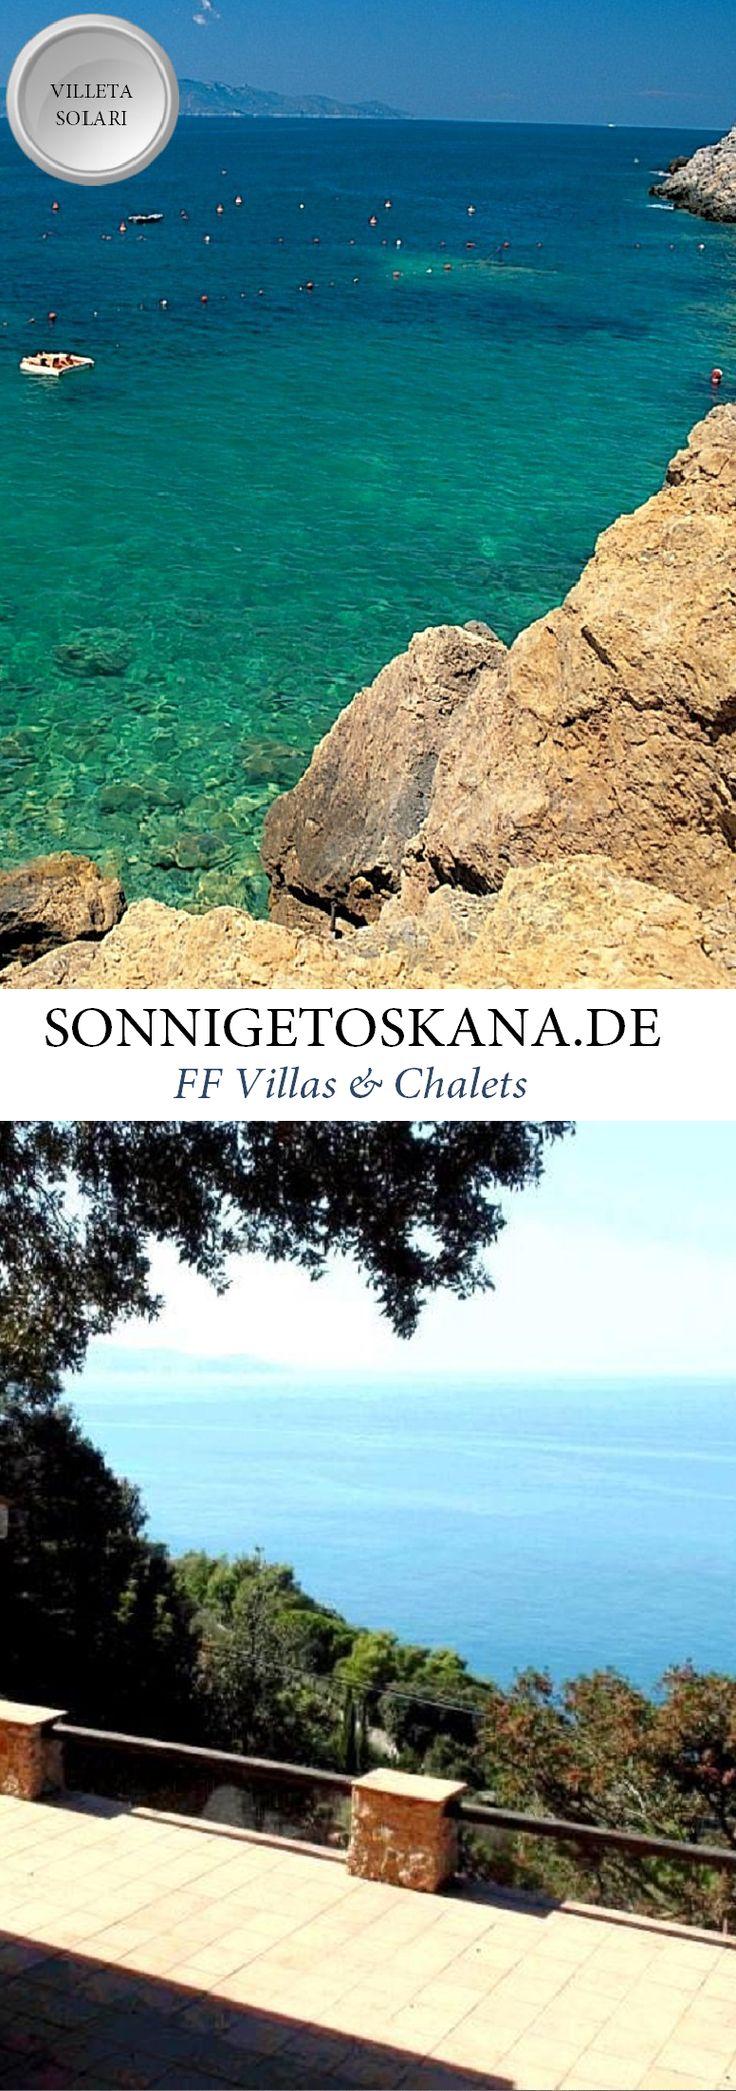 www.sonnigetoskana.de || Villeta Solari || Italien - Toskana || Die Villetta Solari liegt im Argentario, etwa 6 Kilometer von Porto Santo Stefano entfernt.  Das Haus liegt sehr privat, hat ein schöne Terrasse und bietet einen traumhaften Blick auf das Meer. 2 Schlafzimmer, 6 Personen, Meerblick. #Toskana #Ferienhaus #Casalio #Urlaub #Reisen #Villa #SonnigeToskana #Luxus